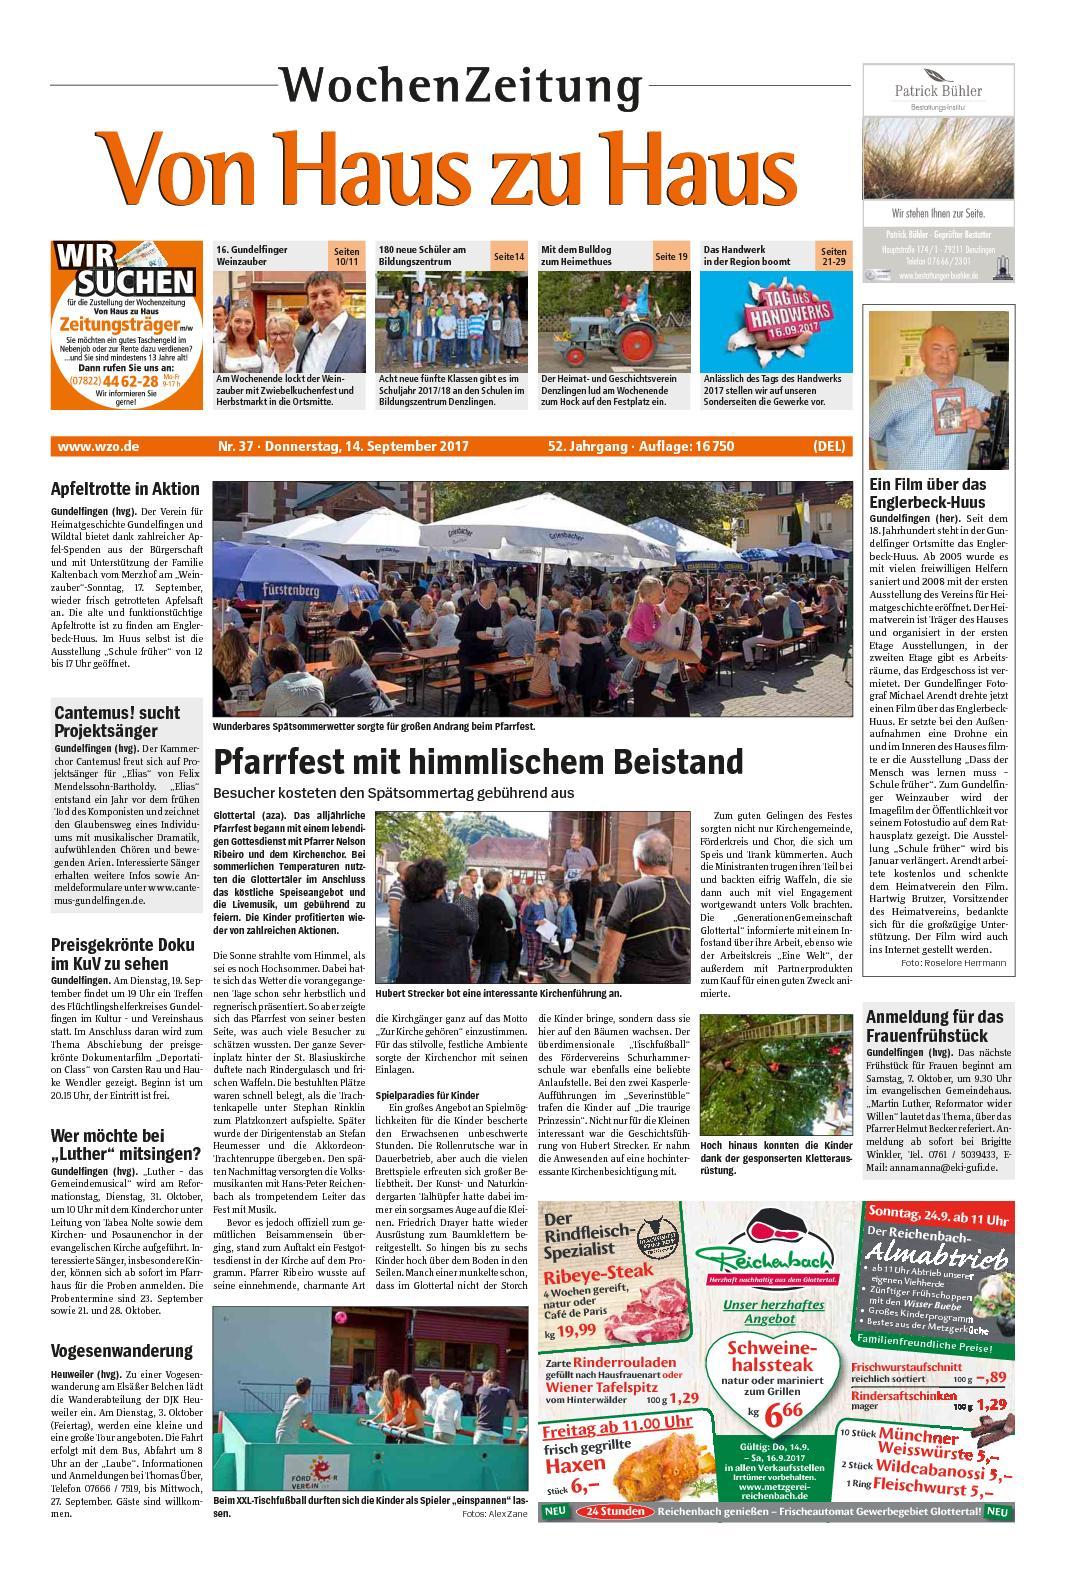 Dach Klempner Dach Firma Mit Dachdecker Offizielle Website Werbebanner Inkl Gestaltung bbd-03 Einfach Zu Reparieren